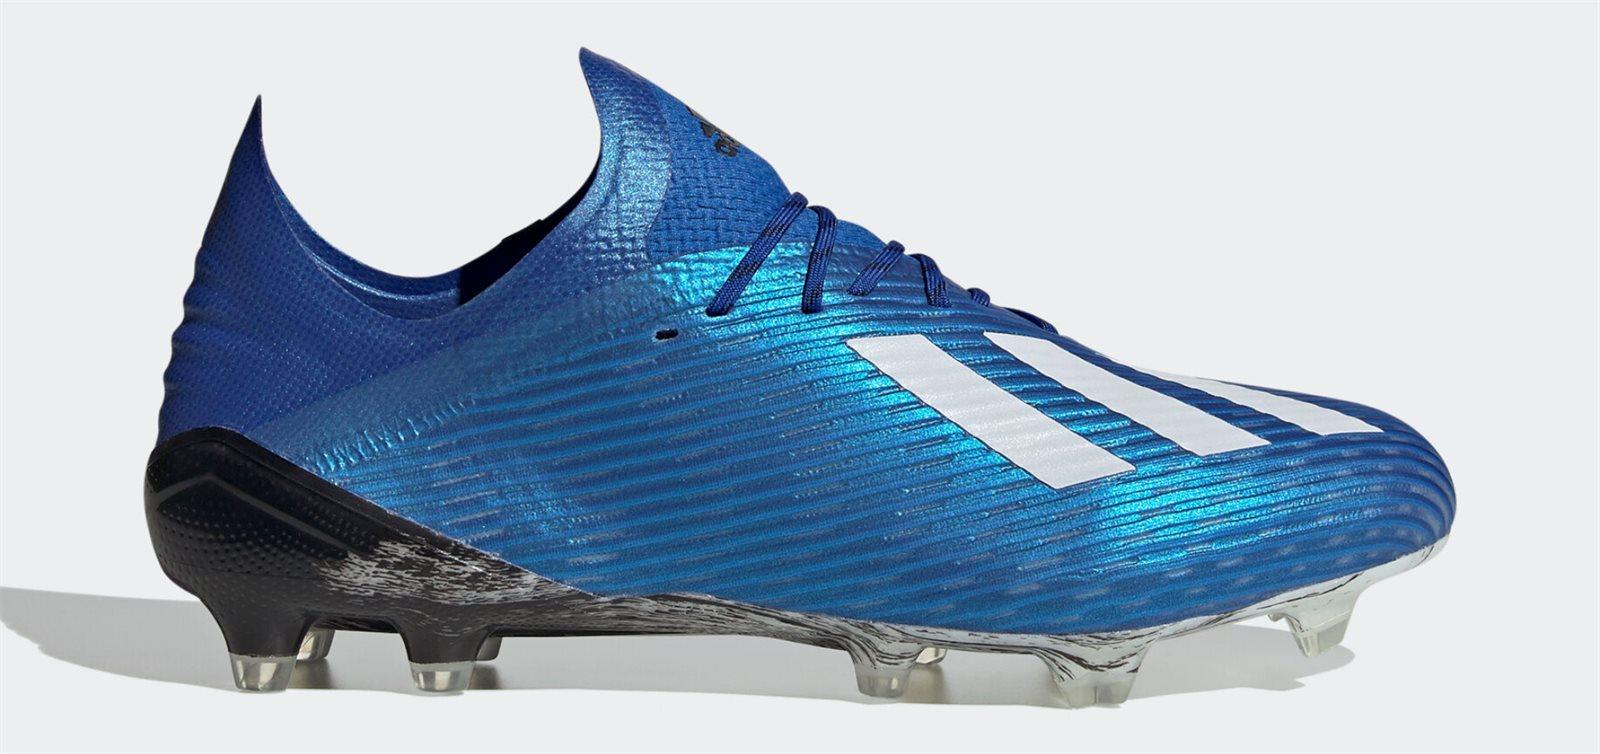 Adidas X là dòng giày bóng đá nhẹ của Adidas được nhiều cầu thủ tại Serie A sử dụng